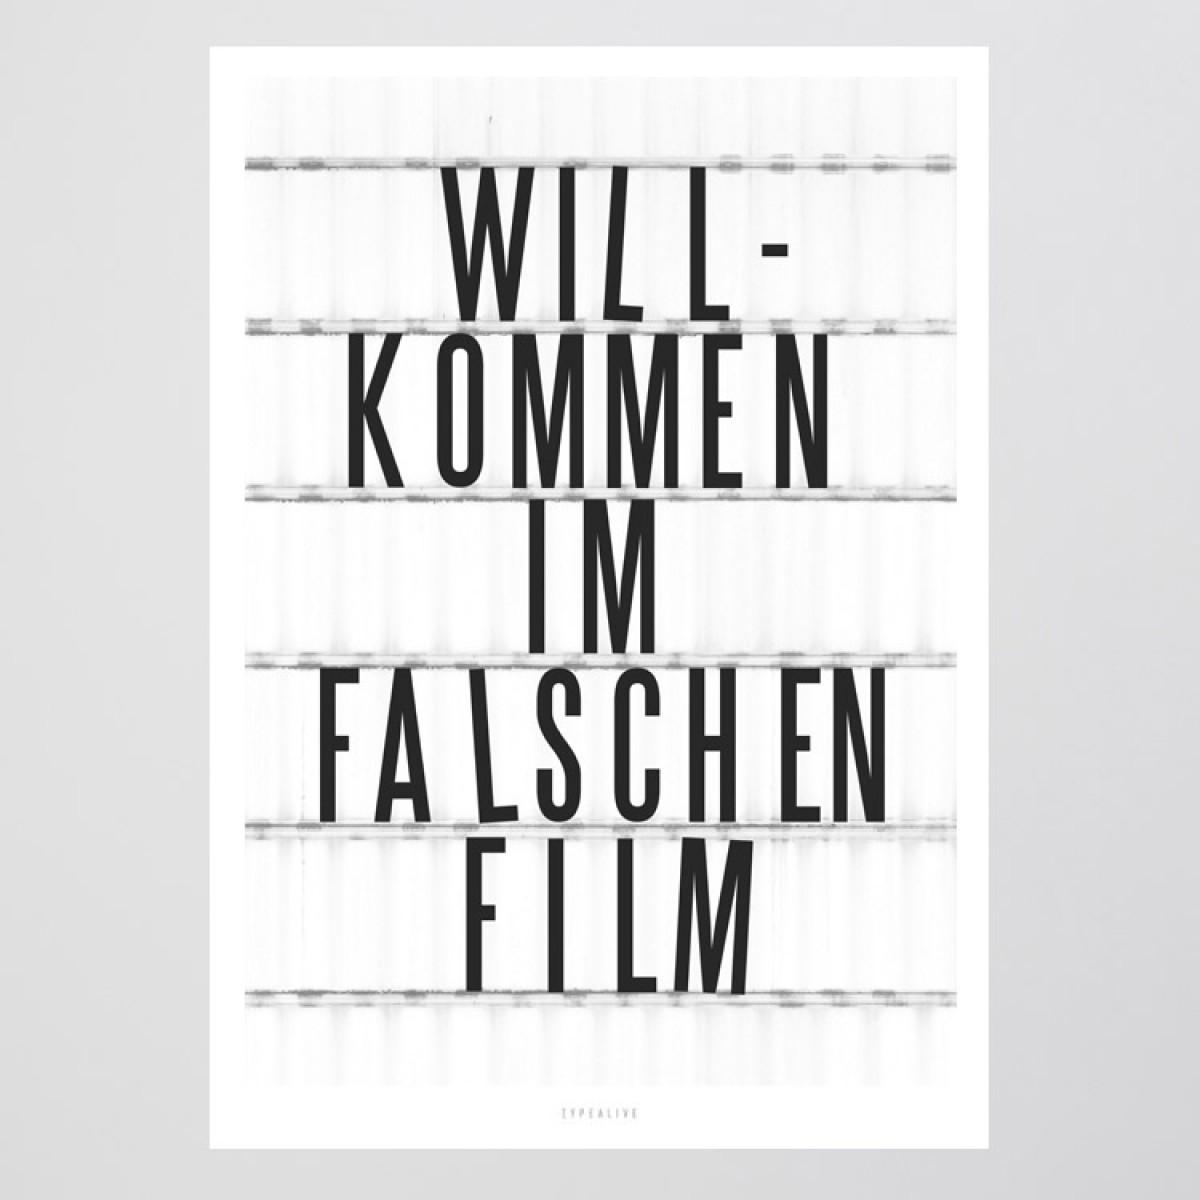 typealive / Falscher Film